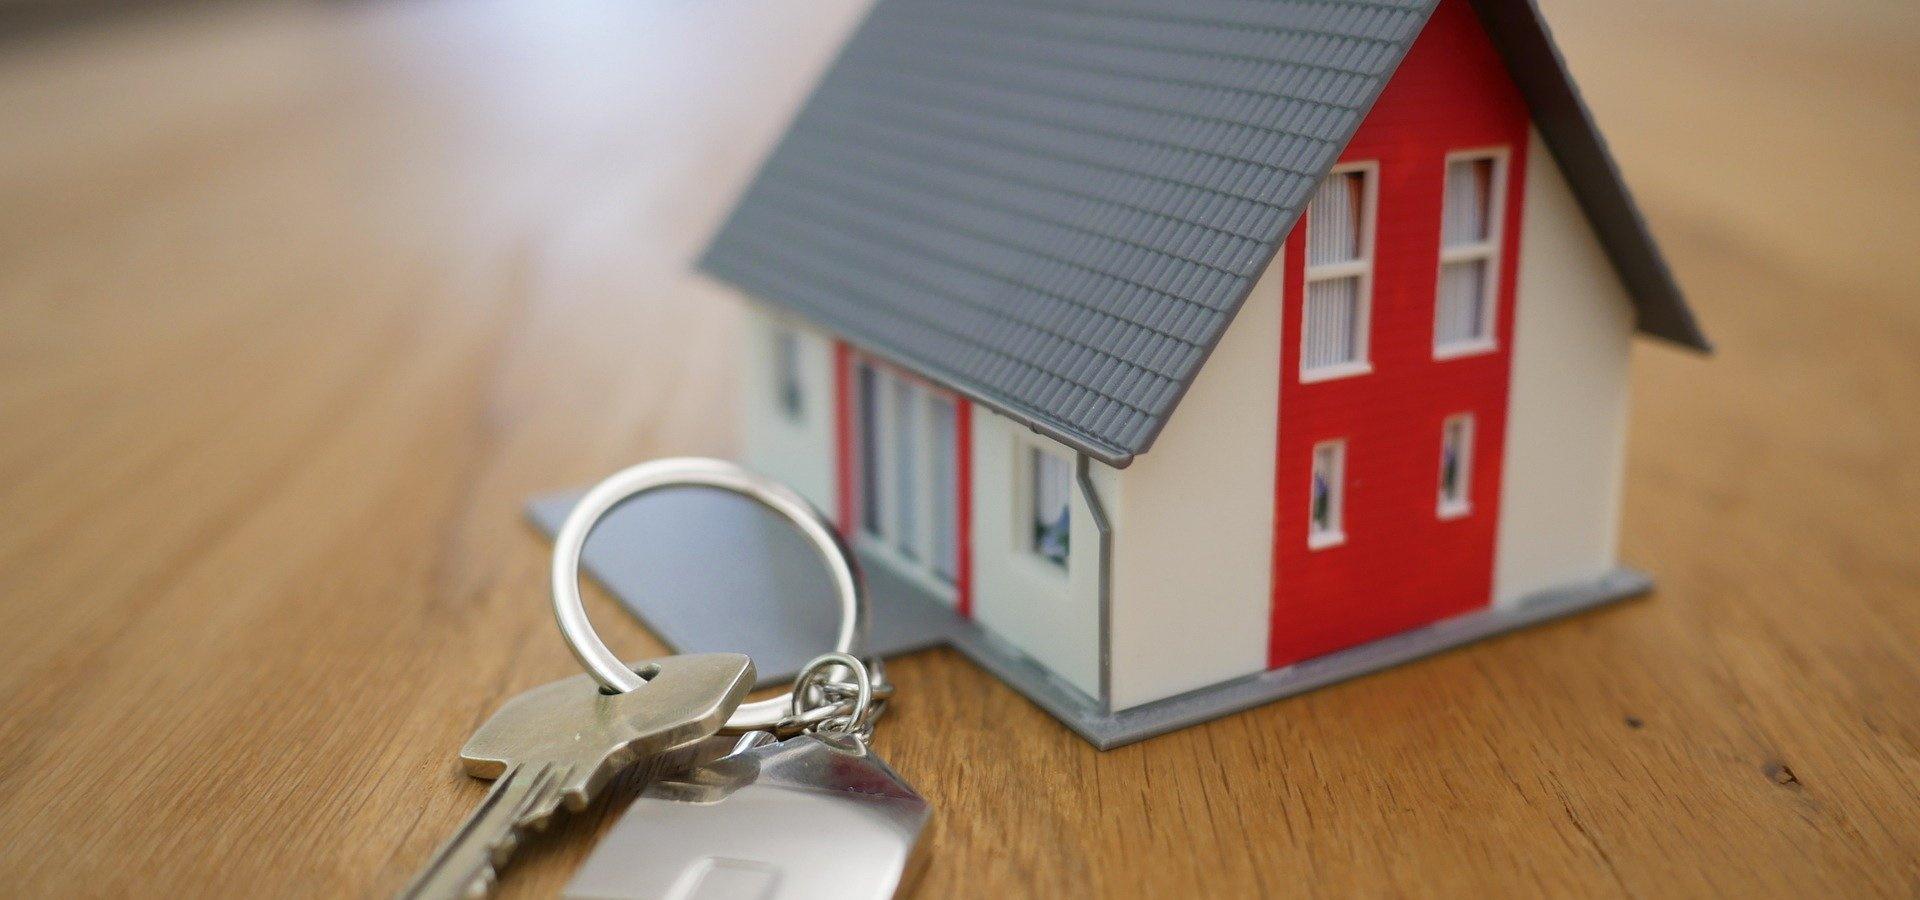 Haus Wohnung in Berlin verkaufen Wilkanowski Immobilien